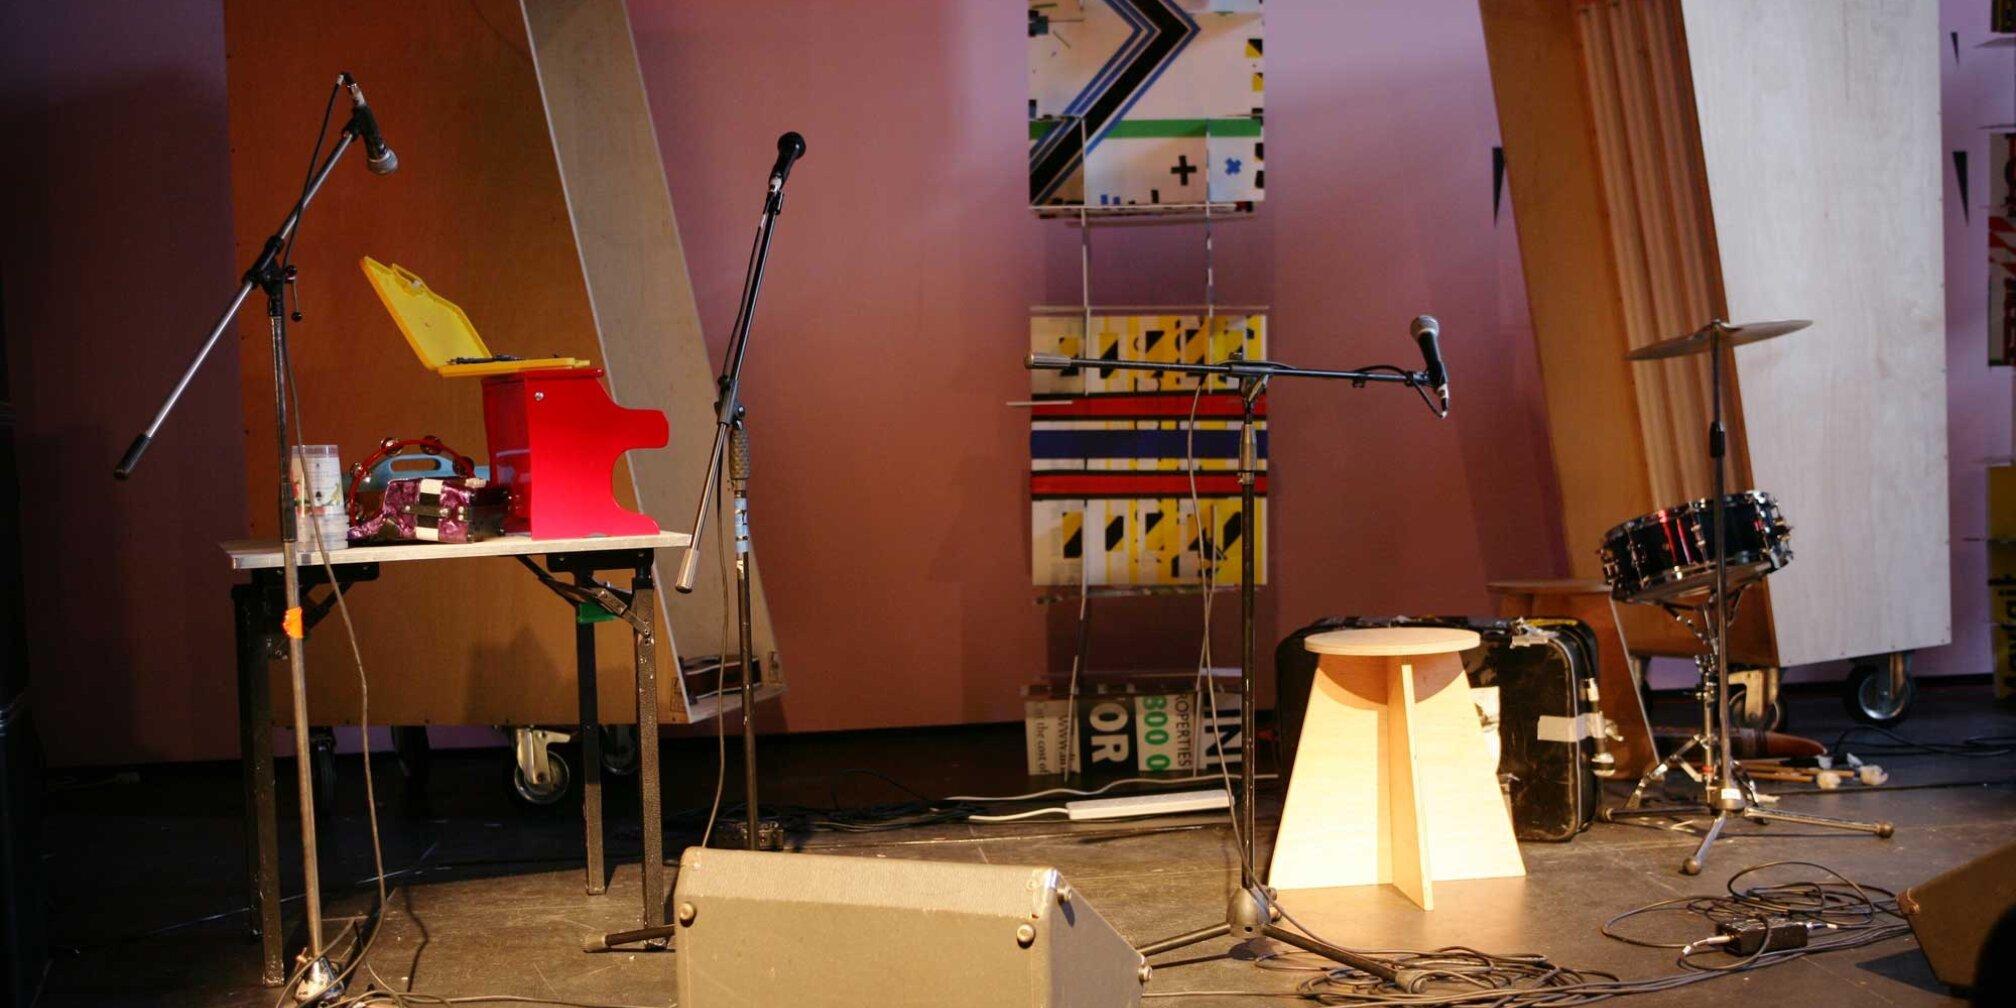 Soundcheck, 2009 , Zabludowicz Collection, London. Photo: Sharon O'Neil